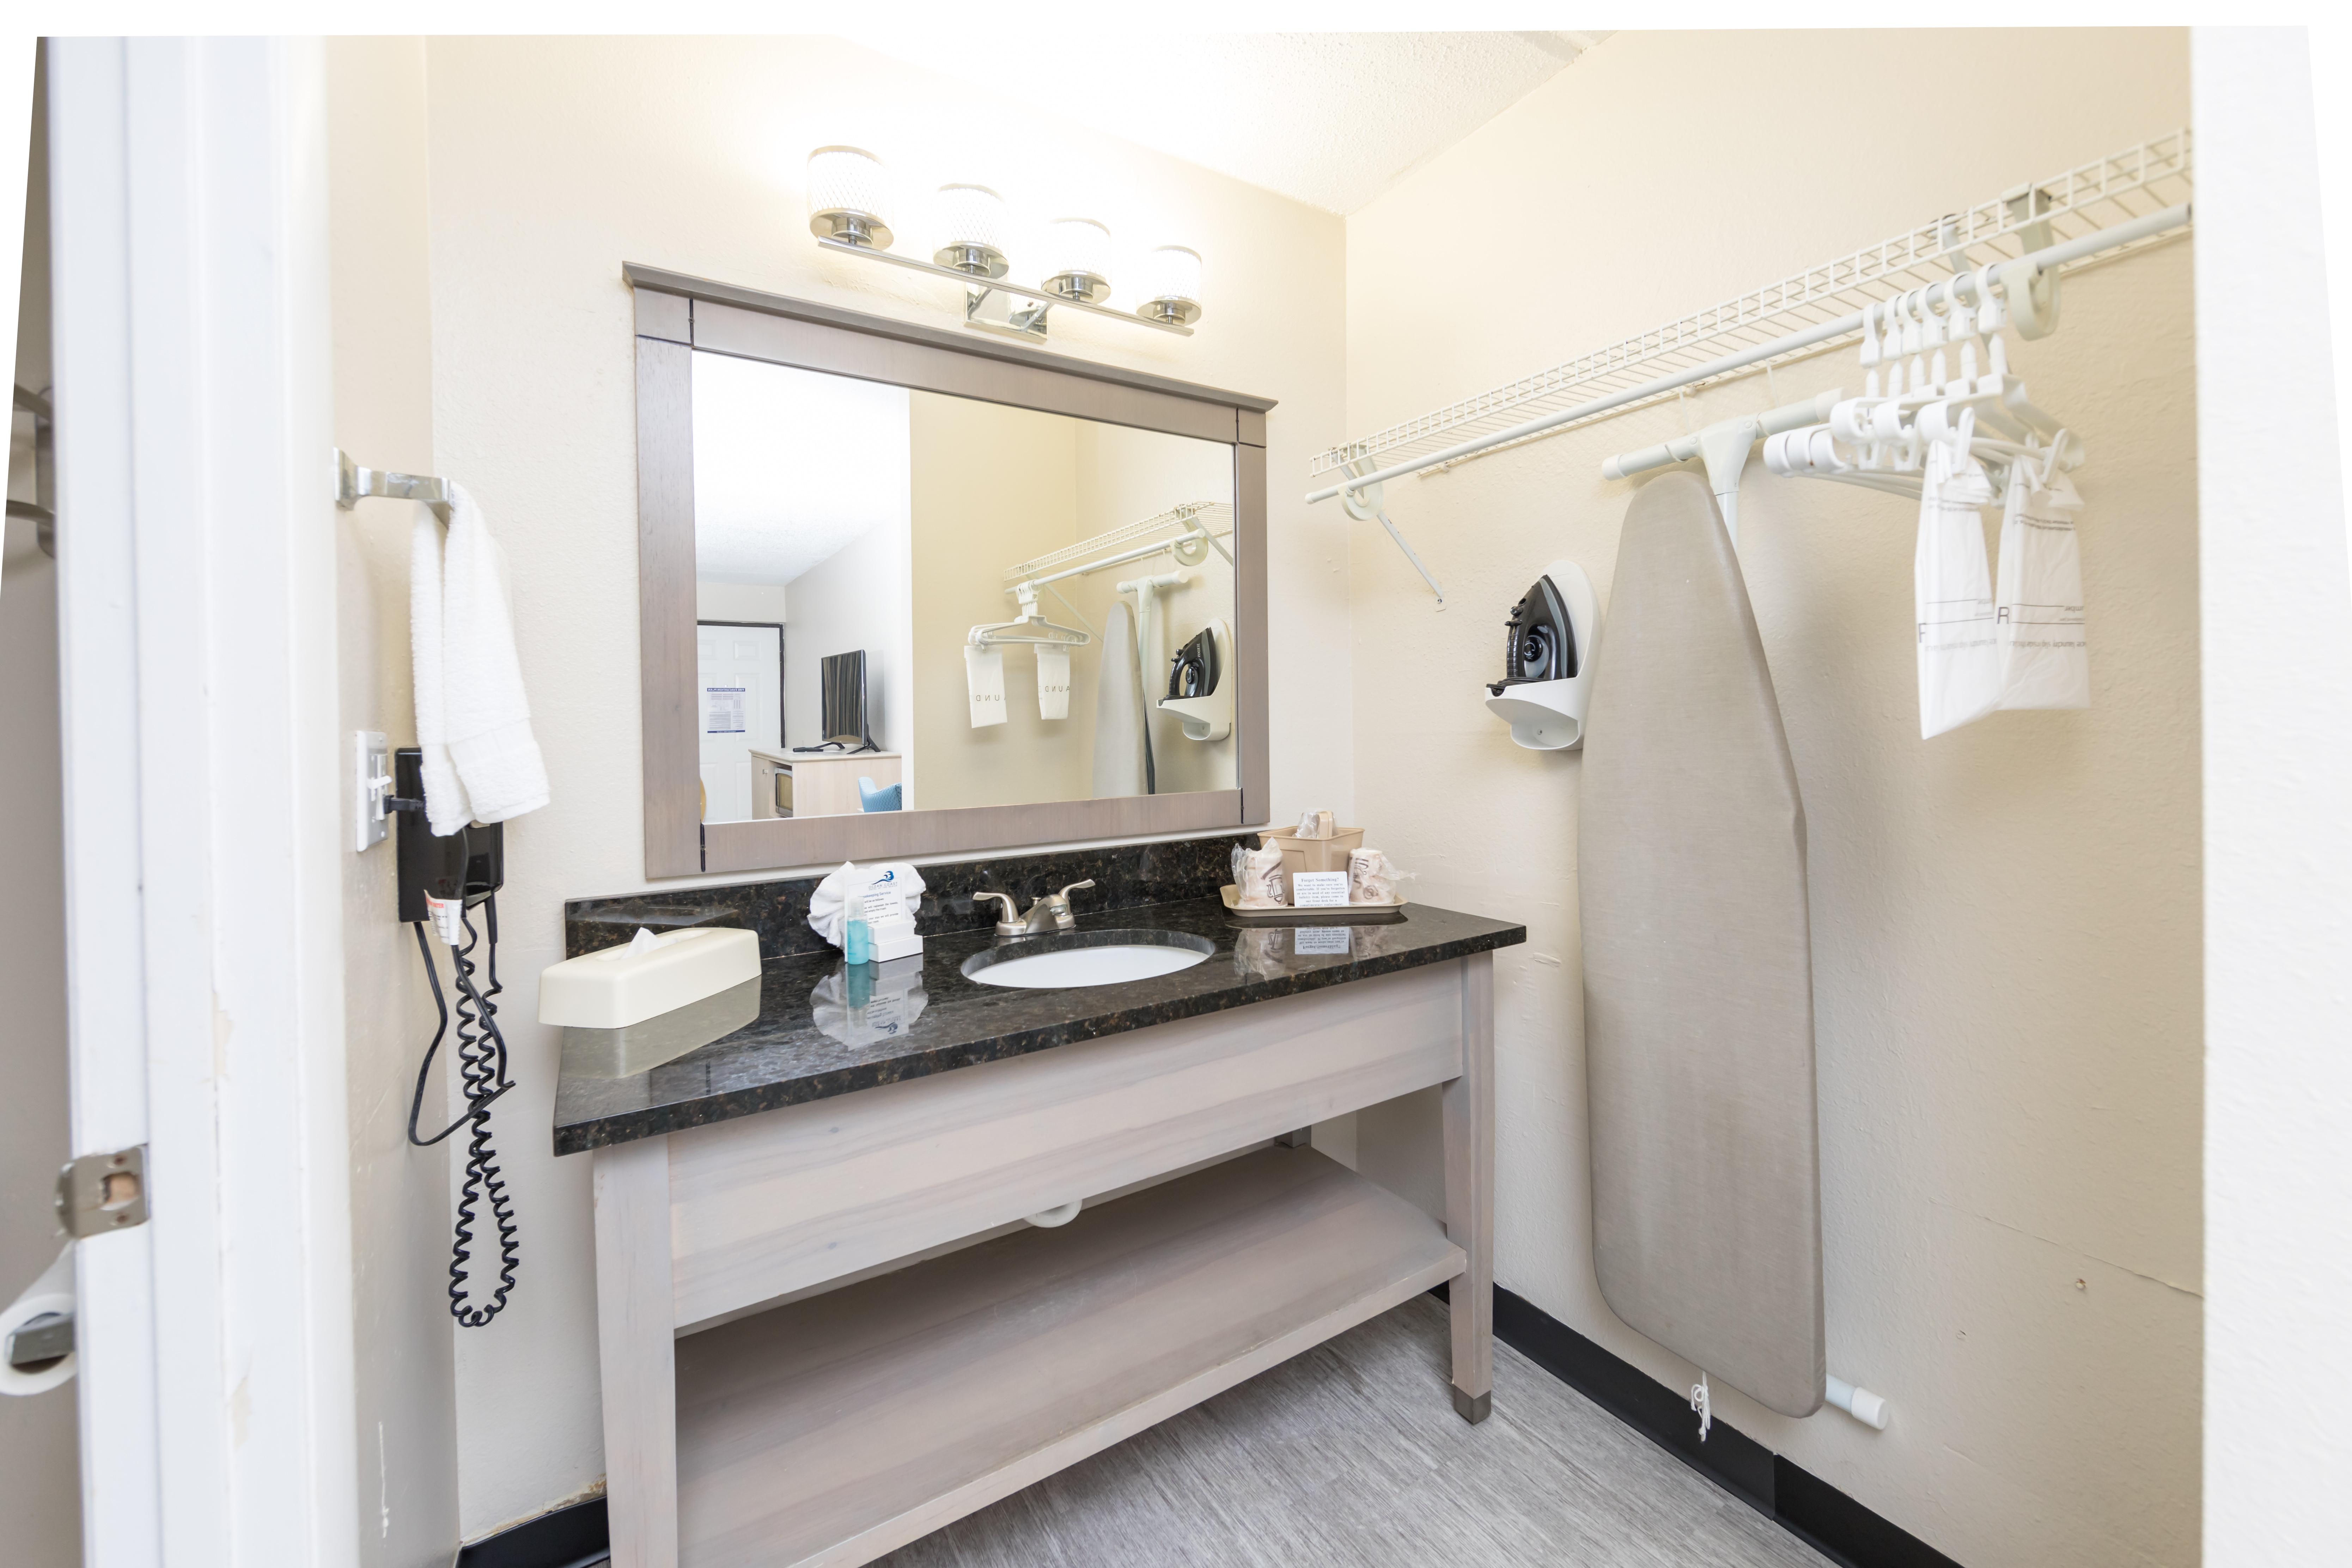 Ocean Coast Hotel King Room Bathroom